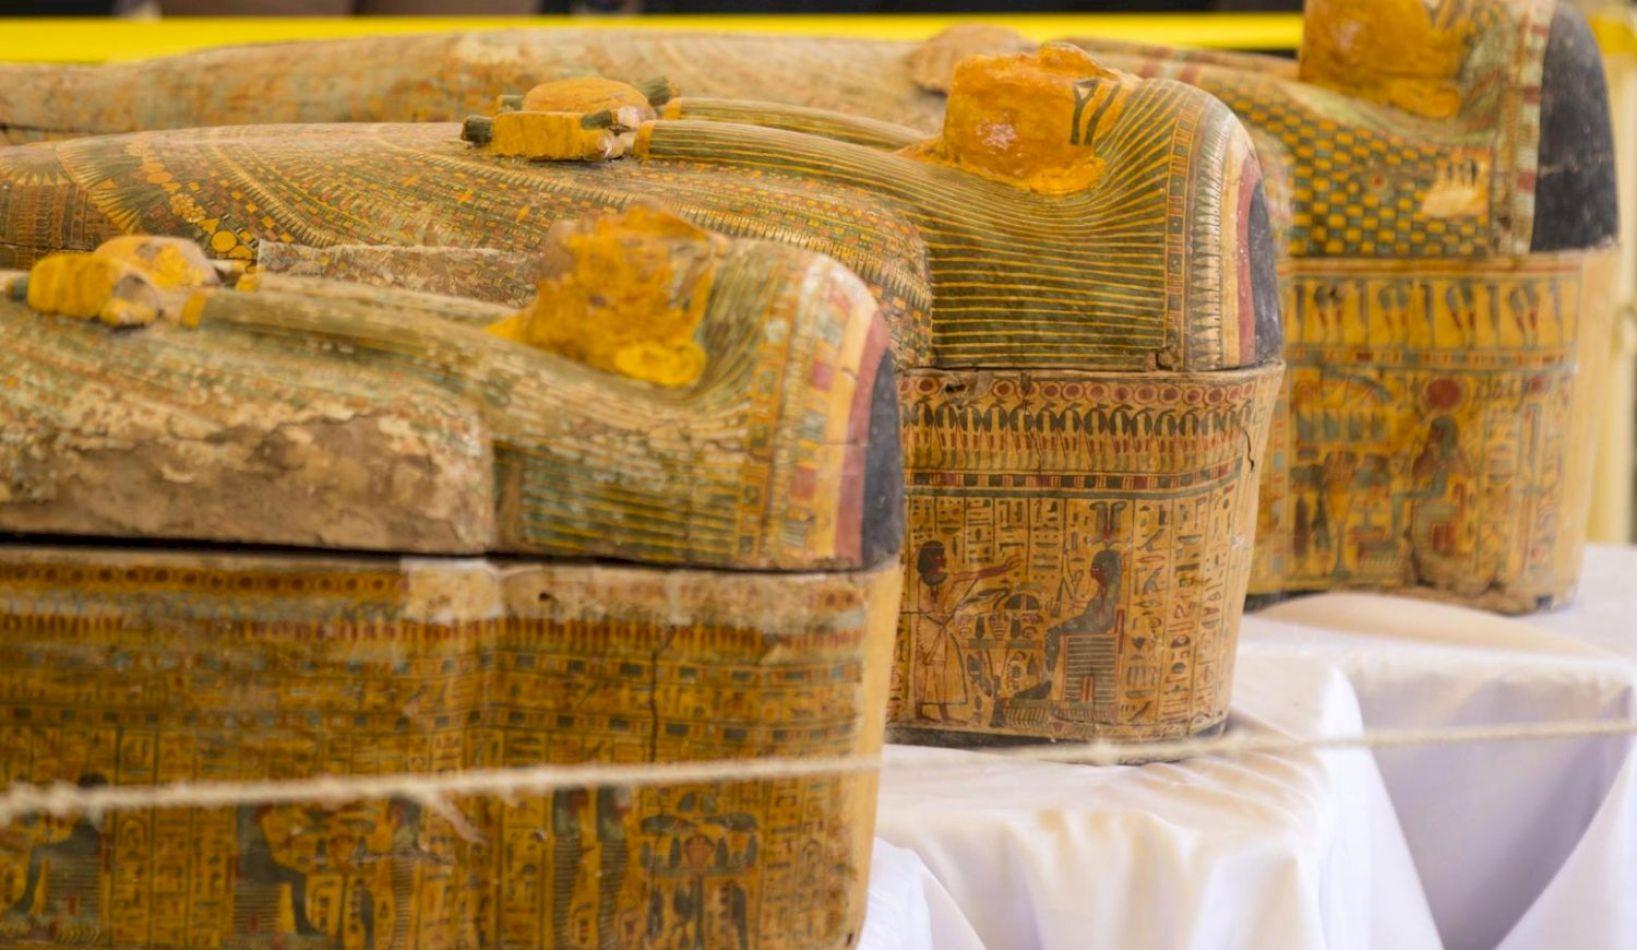 Descubren cien sarcófagos intactos en Egipto